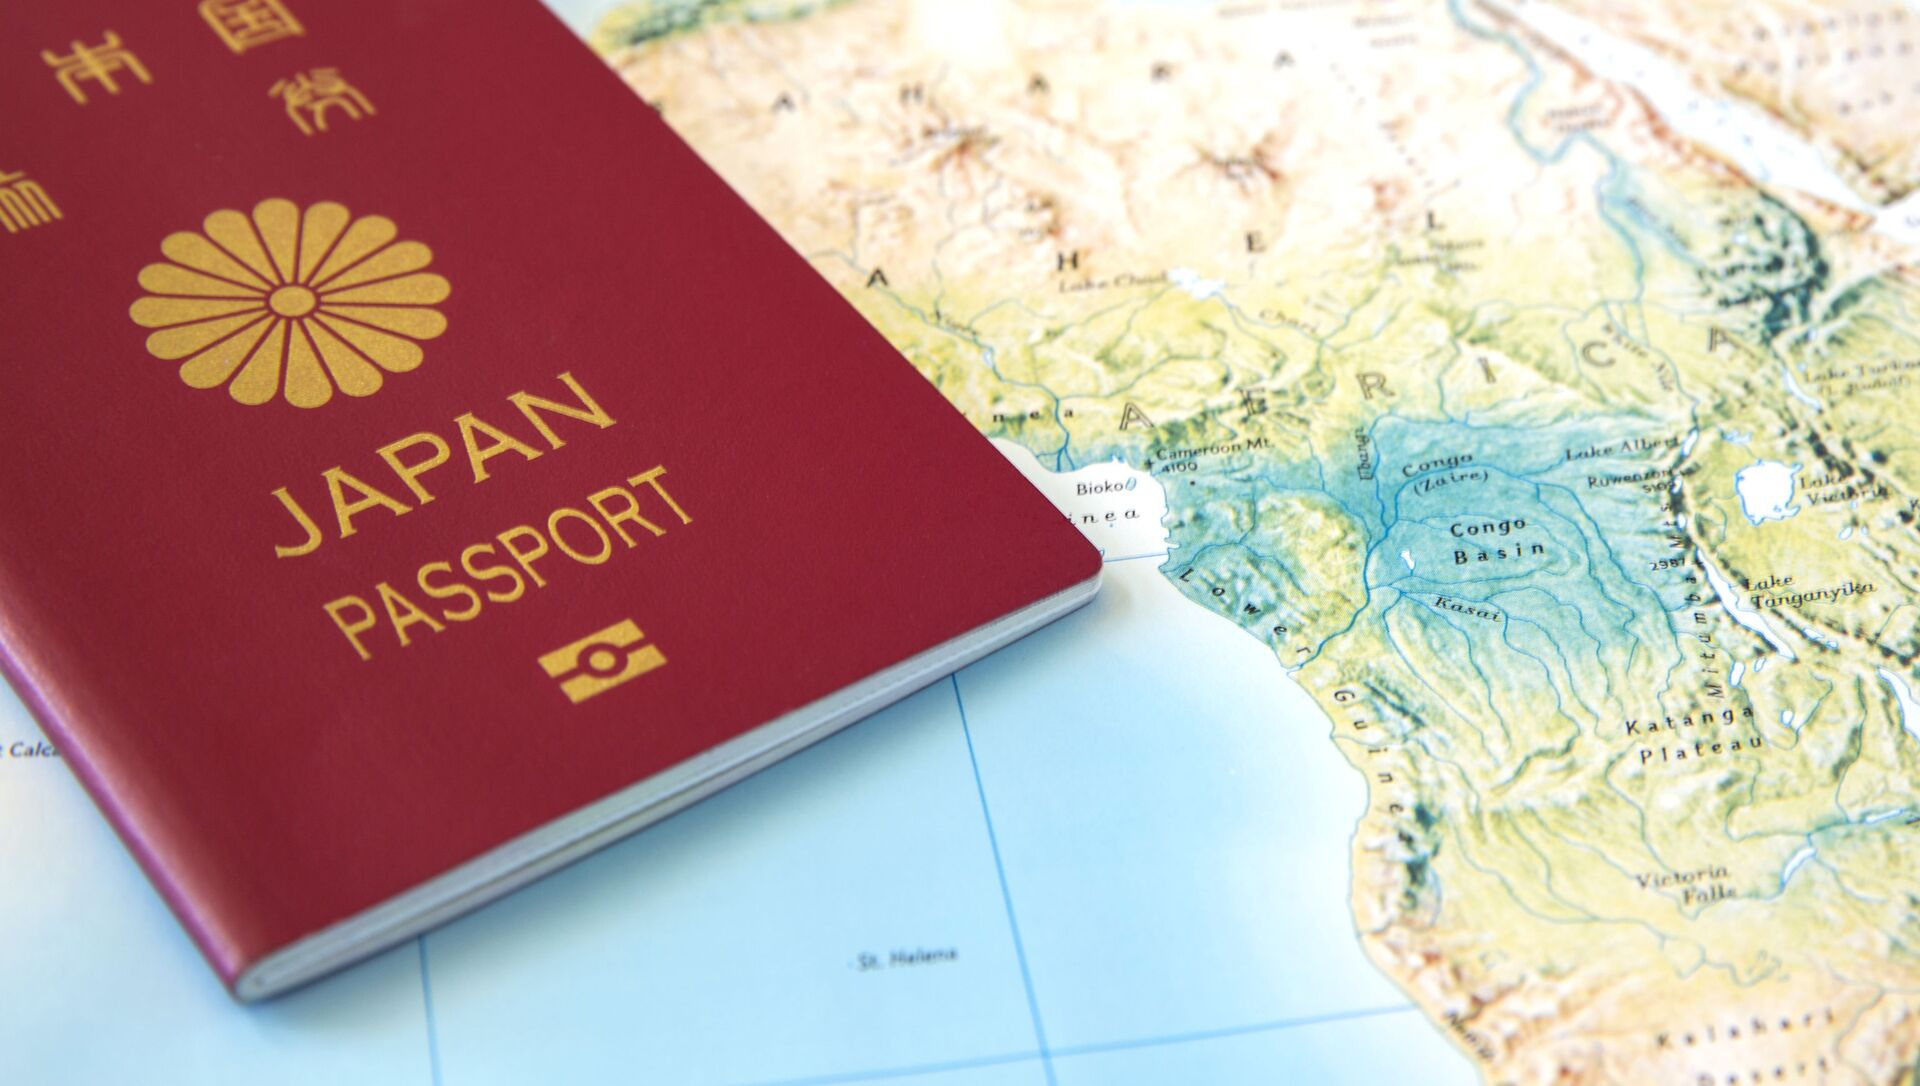 日本のパスポート - Sputnik 日本, 1920, 19.05.2021